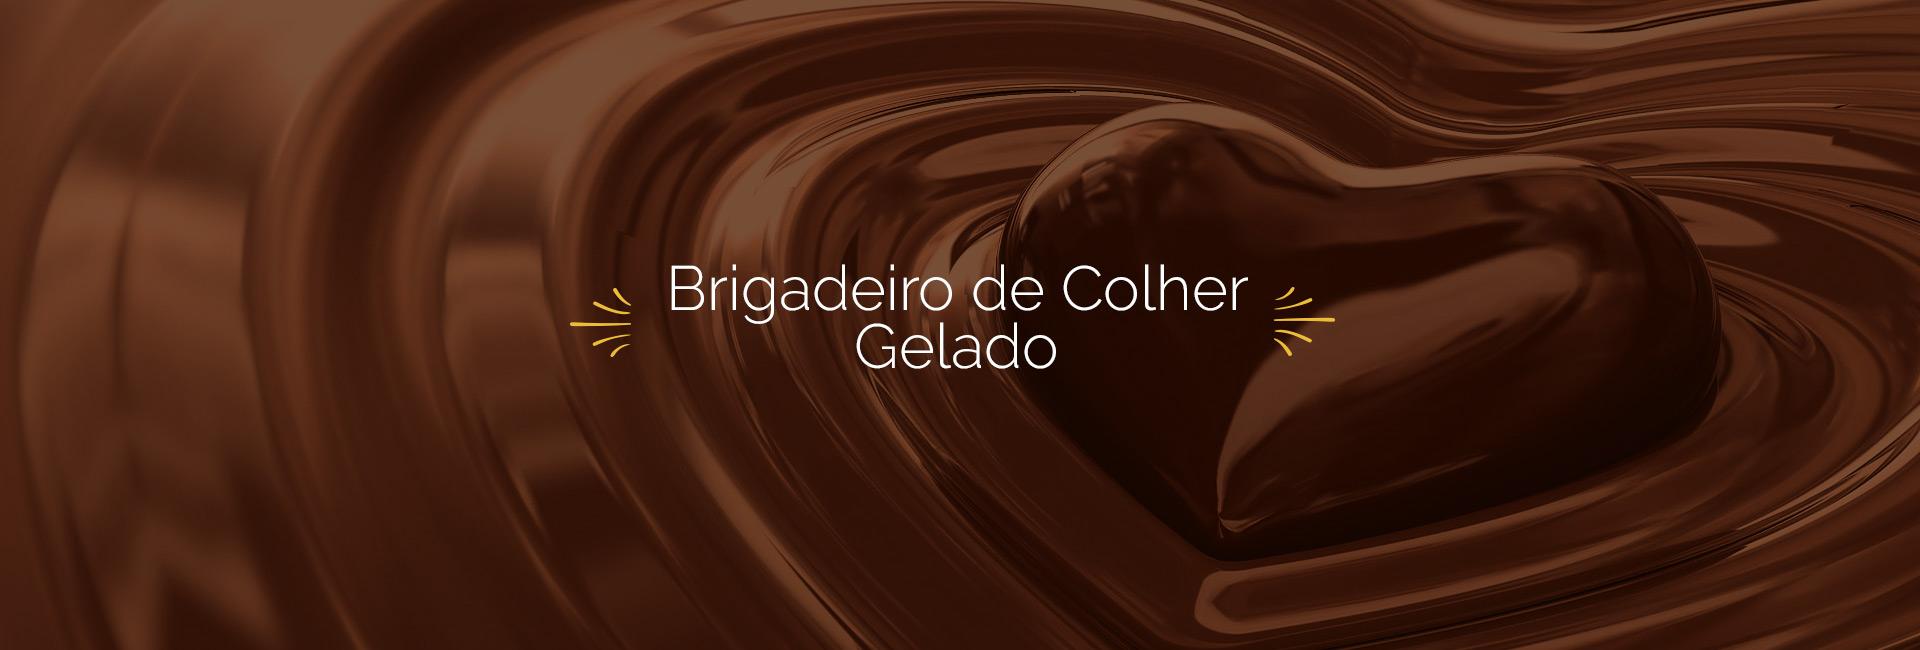 Mon Brigadier - Texto 01